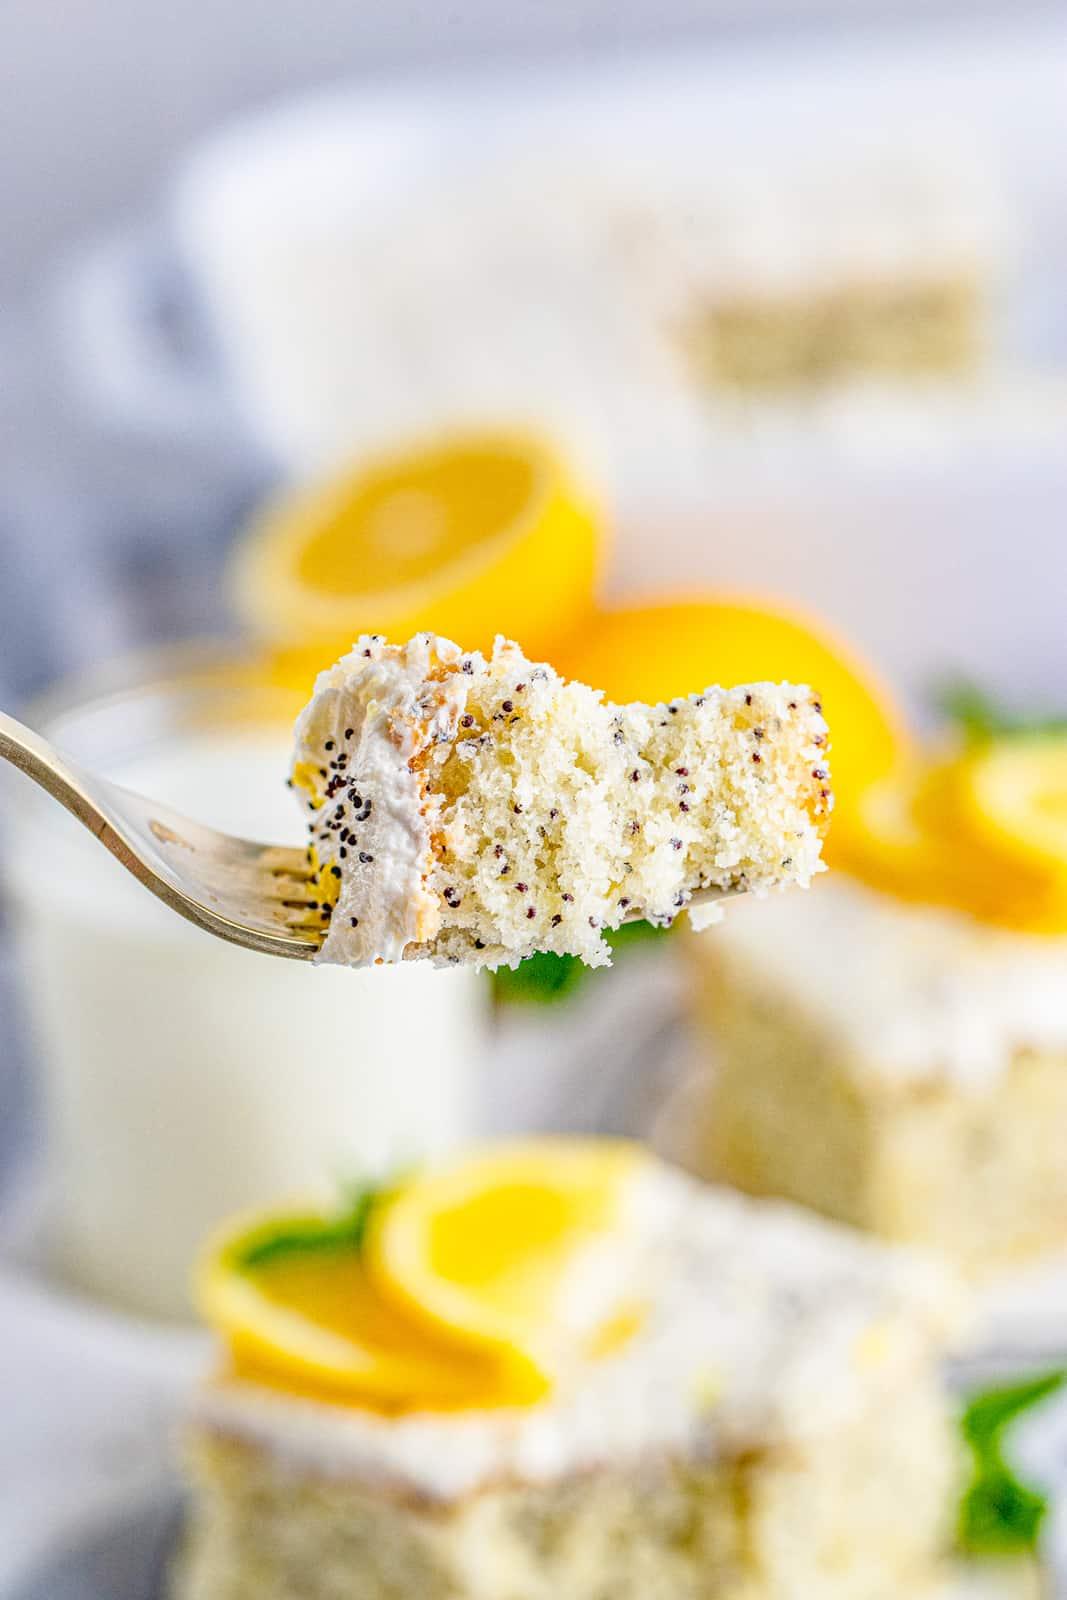 Fork holding up a bite of Lemon Poppy Seed Cake